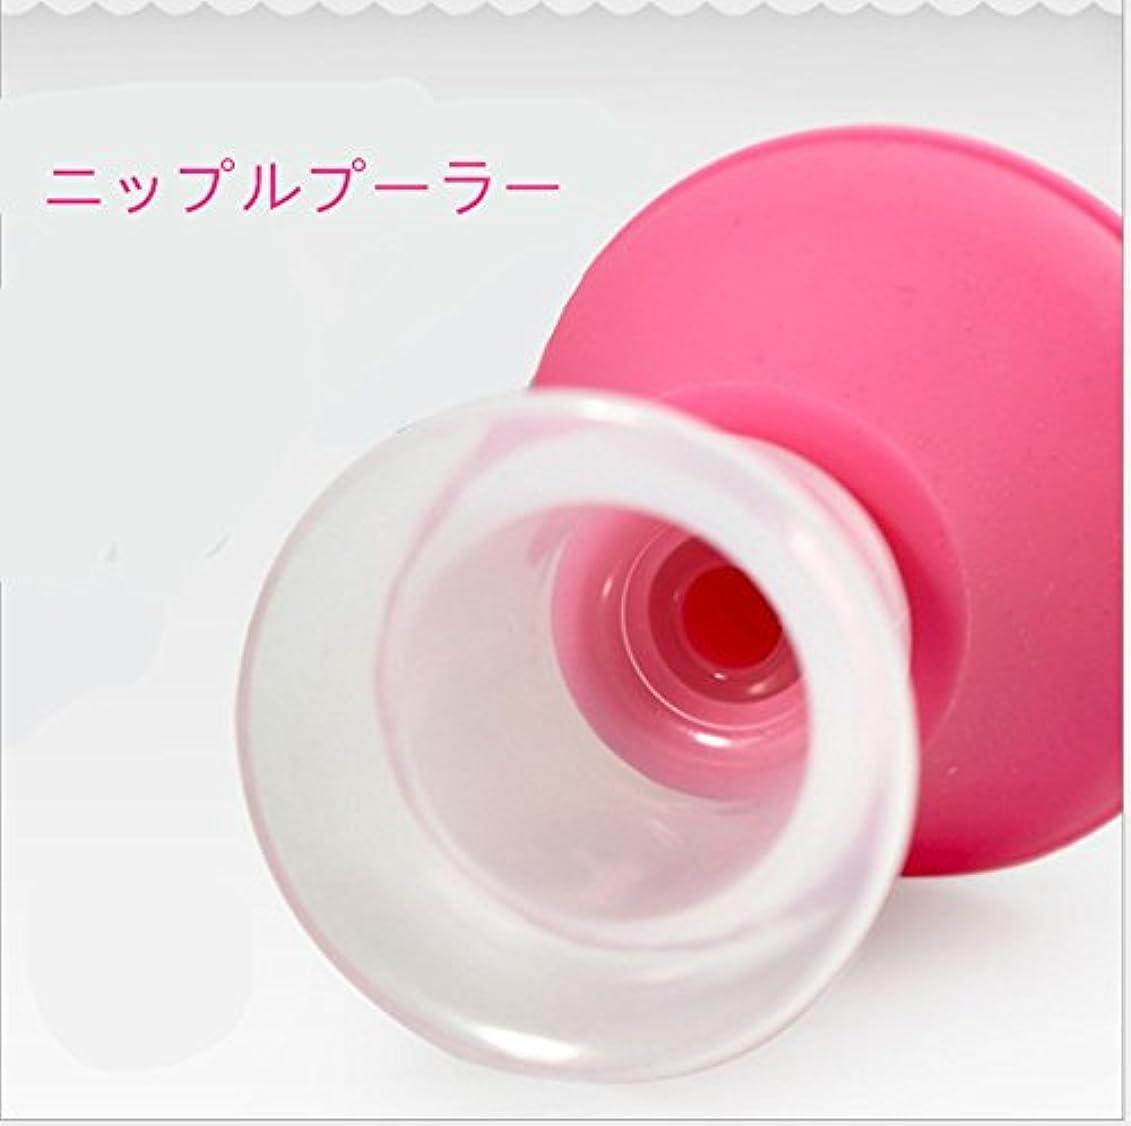 電気彼らのもの創造ピジョン 乳頭吸引器 ケース付扁平乳首に乳頭吸引器 母乳育児ケア ランダム色